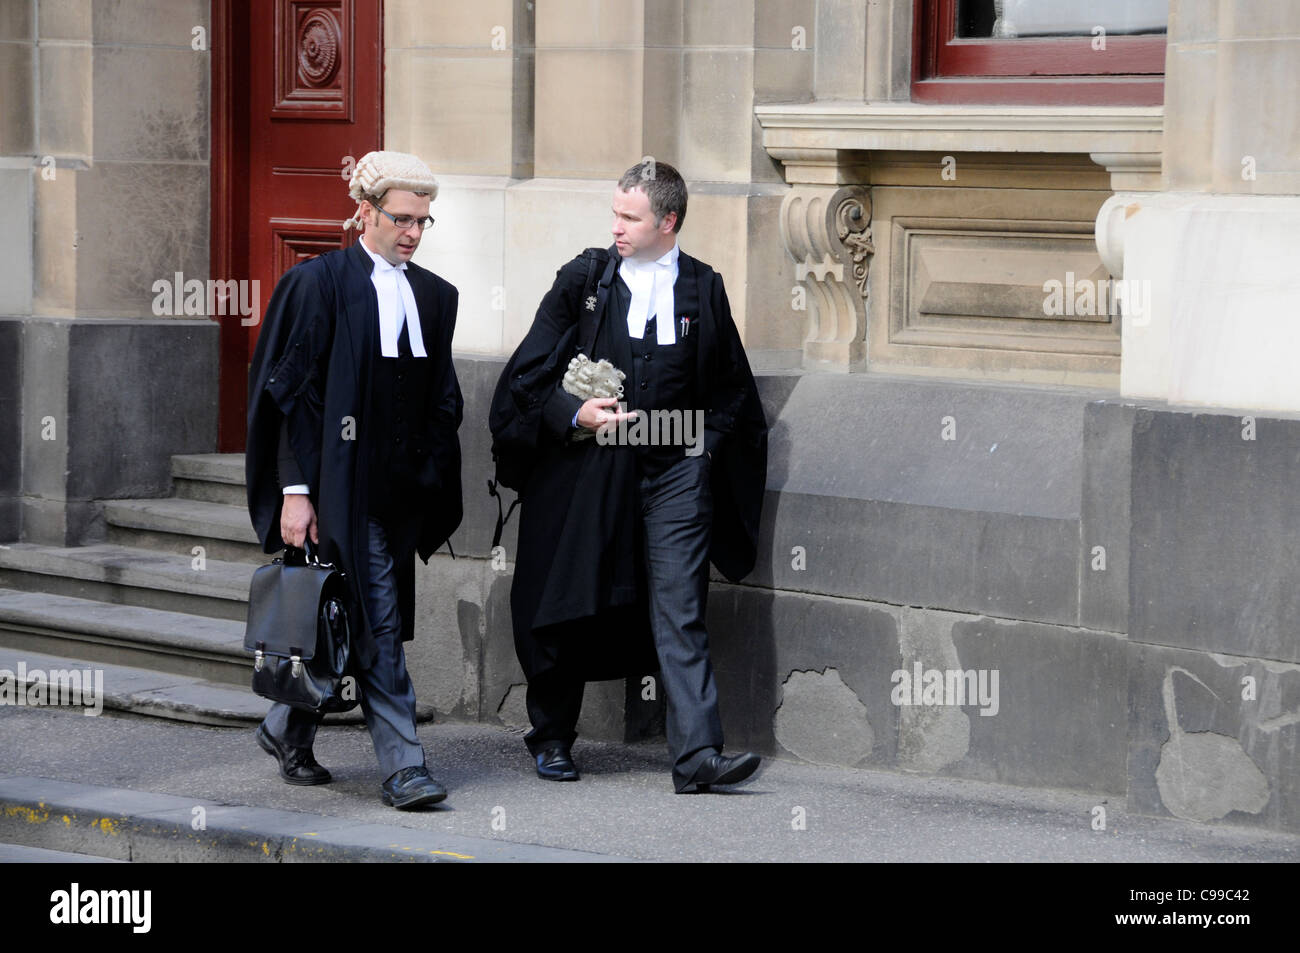 Deux avocats au sein du palais de justice de Melbourne, Australie Photo Stock